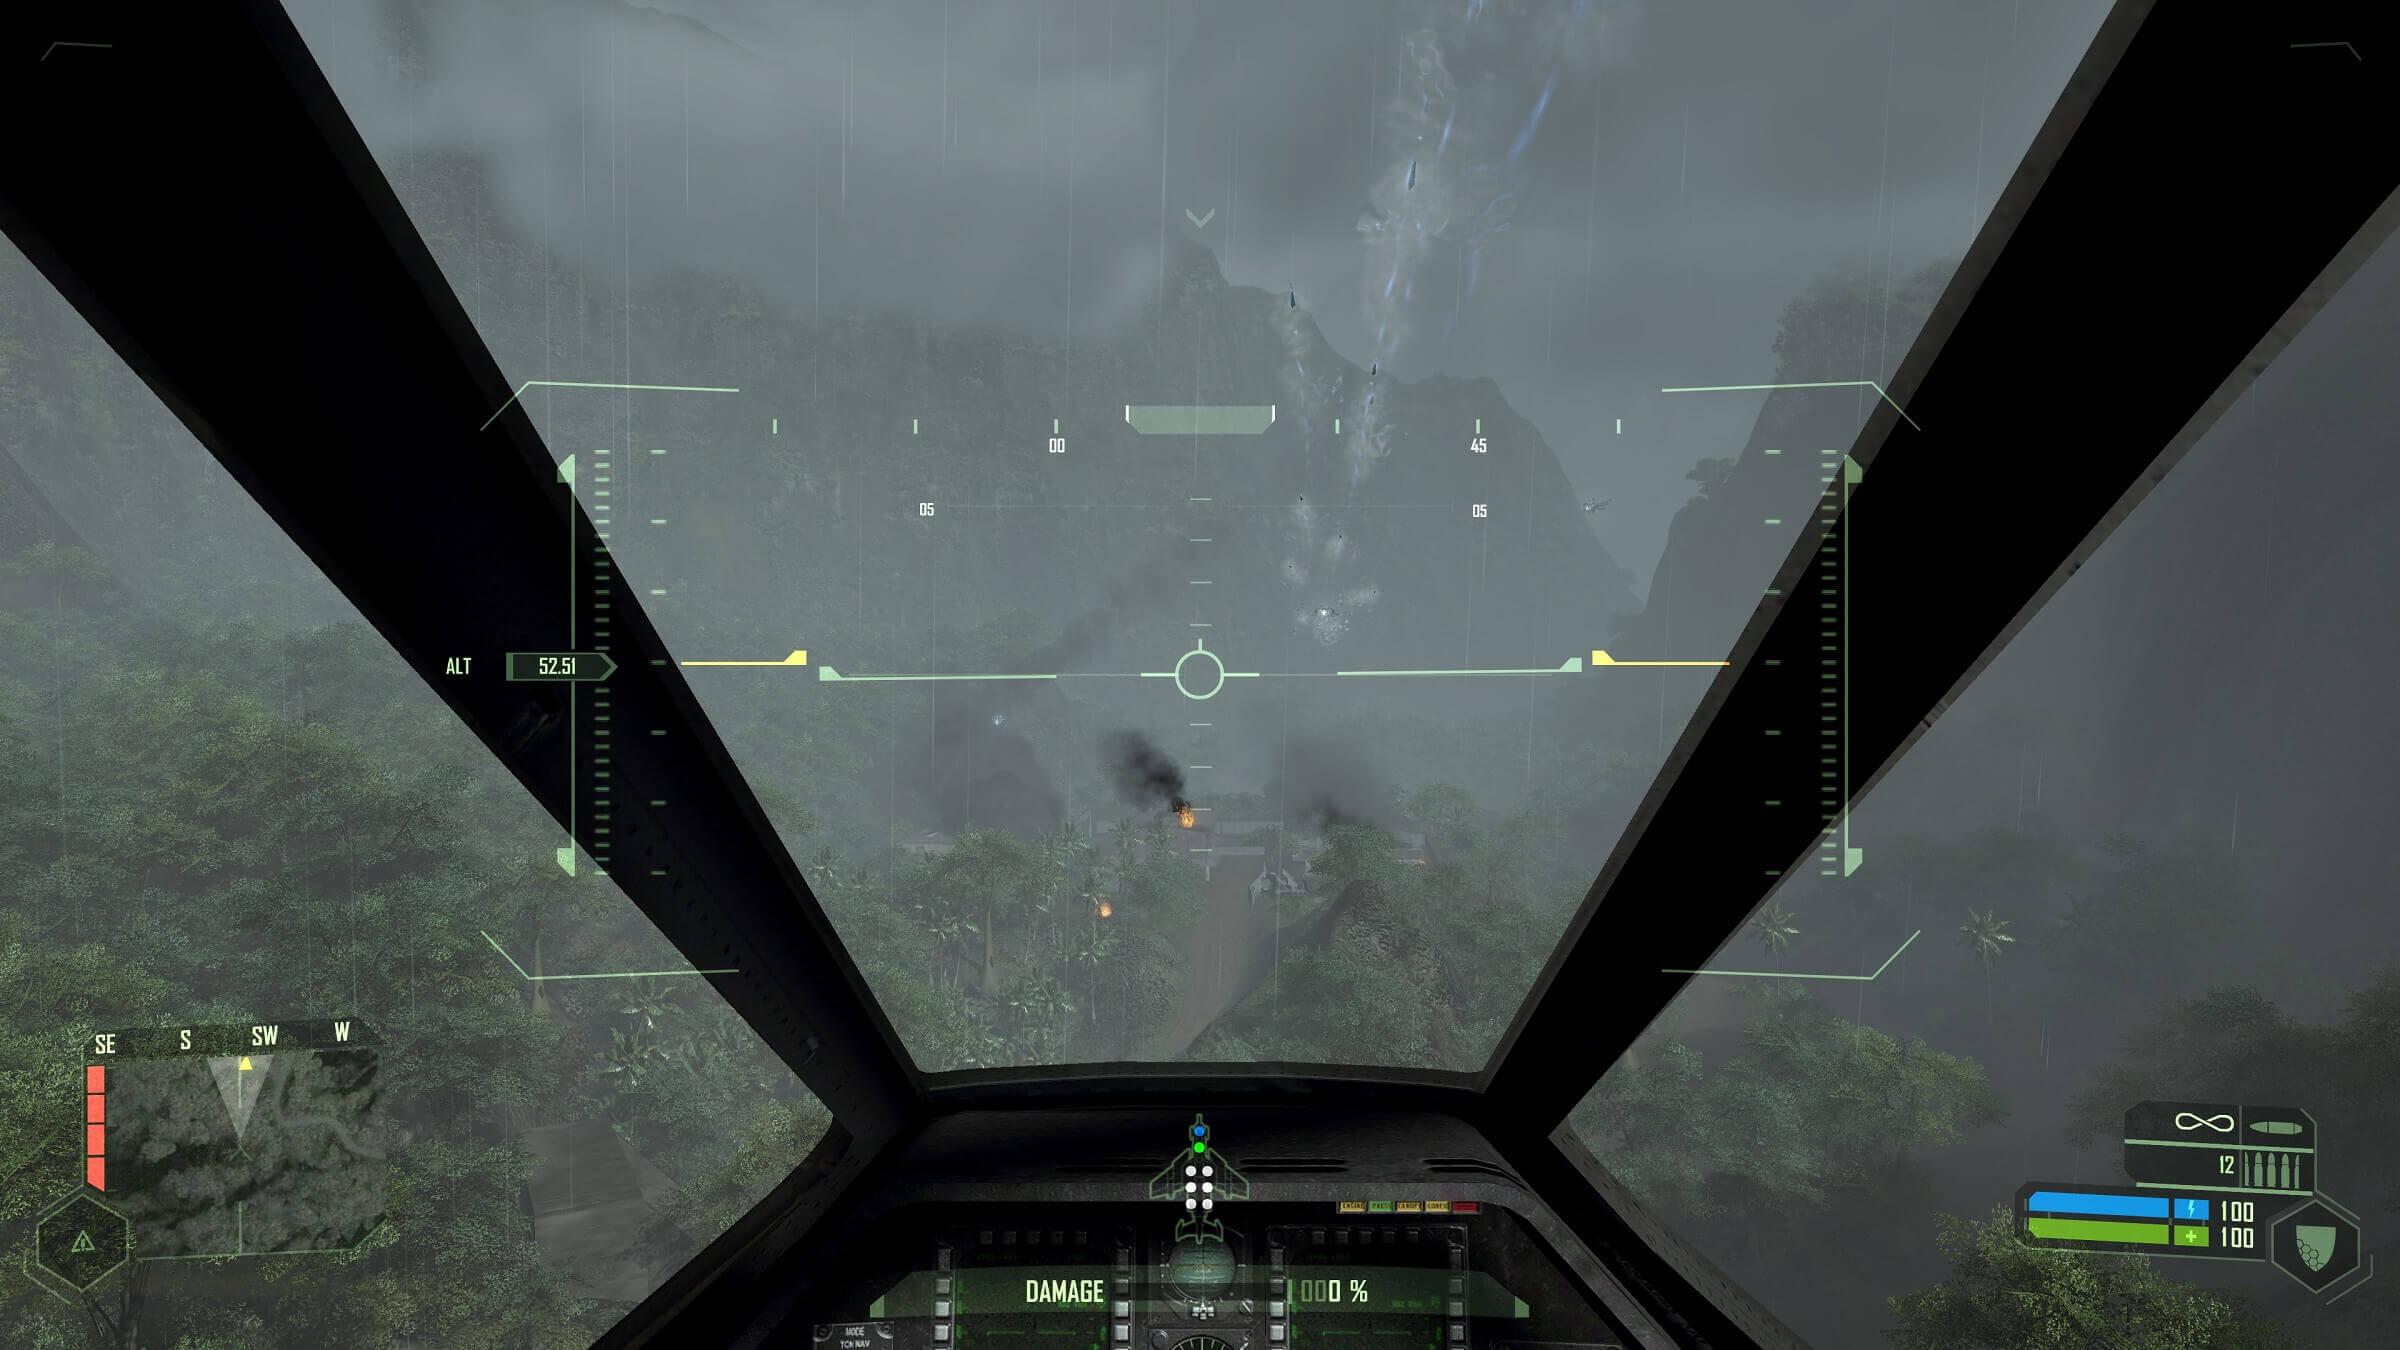 «А Crysis потянет?» Почему до сих пор обсуждают игру, выпущенную 13 лет назад - 16